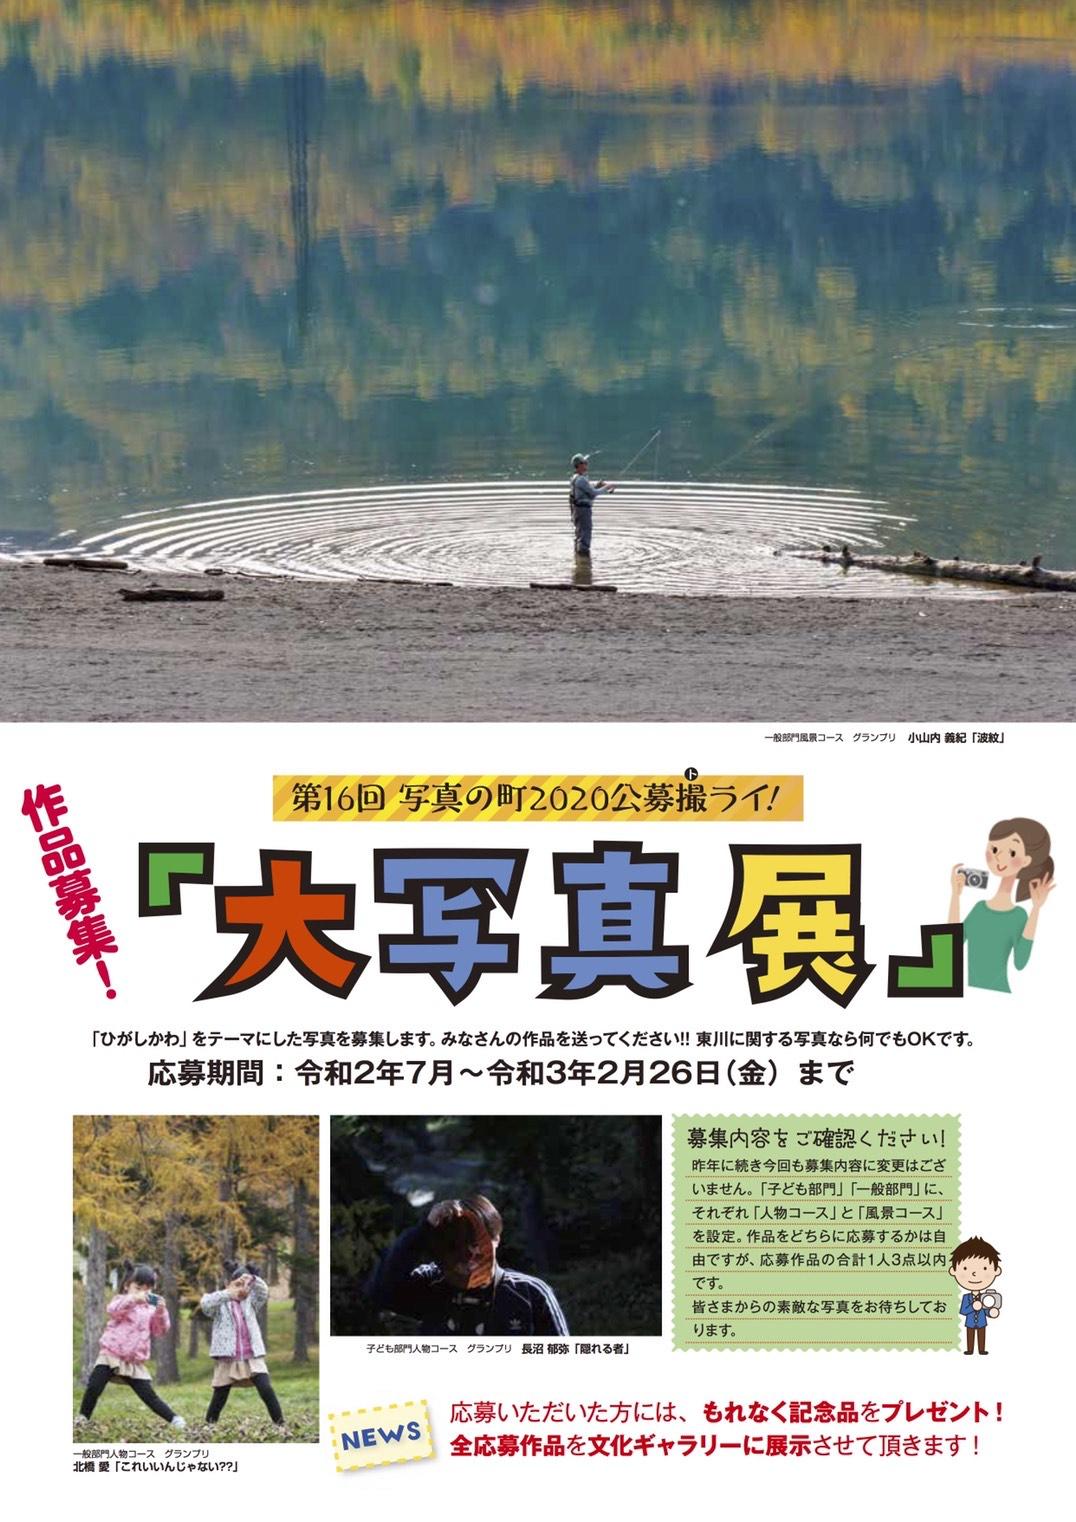 「第16回写真の町2020公募撮ライ!ひがしかわ大写真展」作品募集!